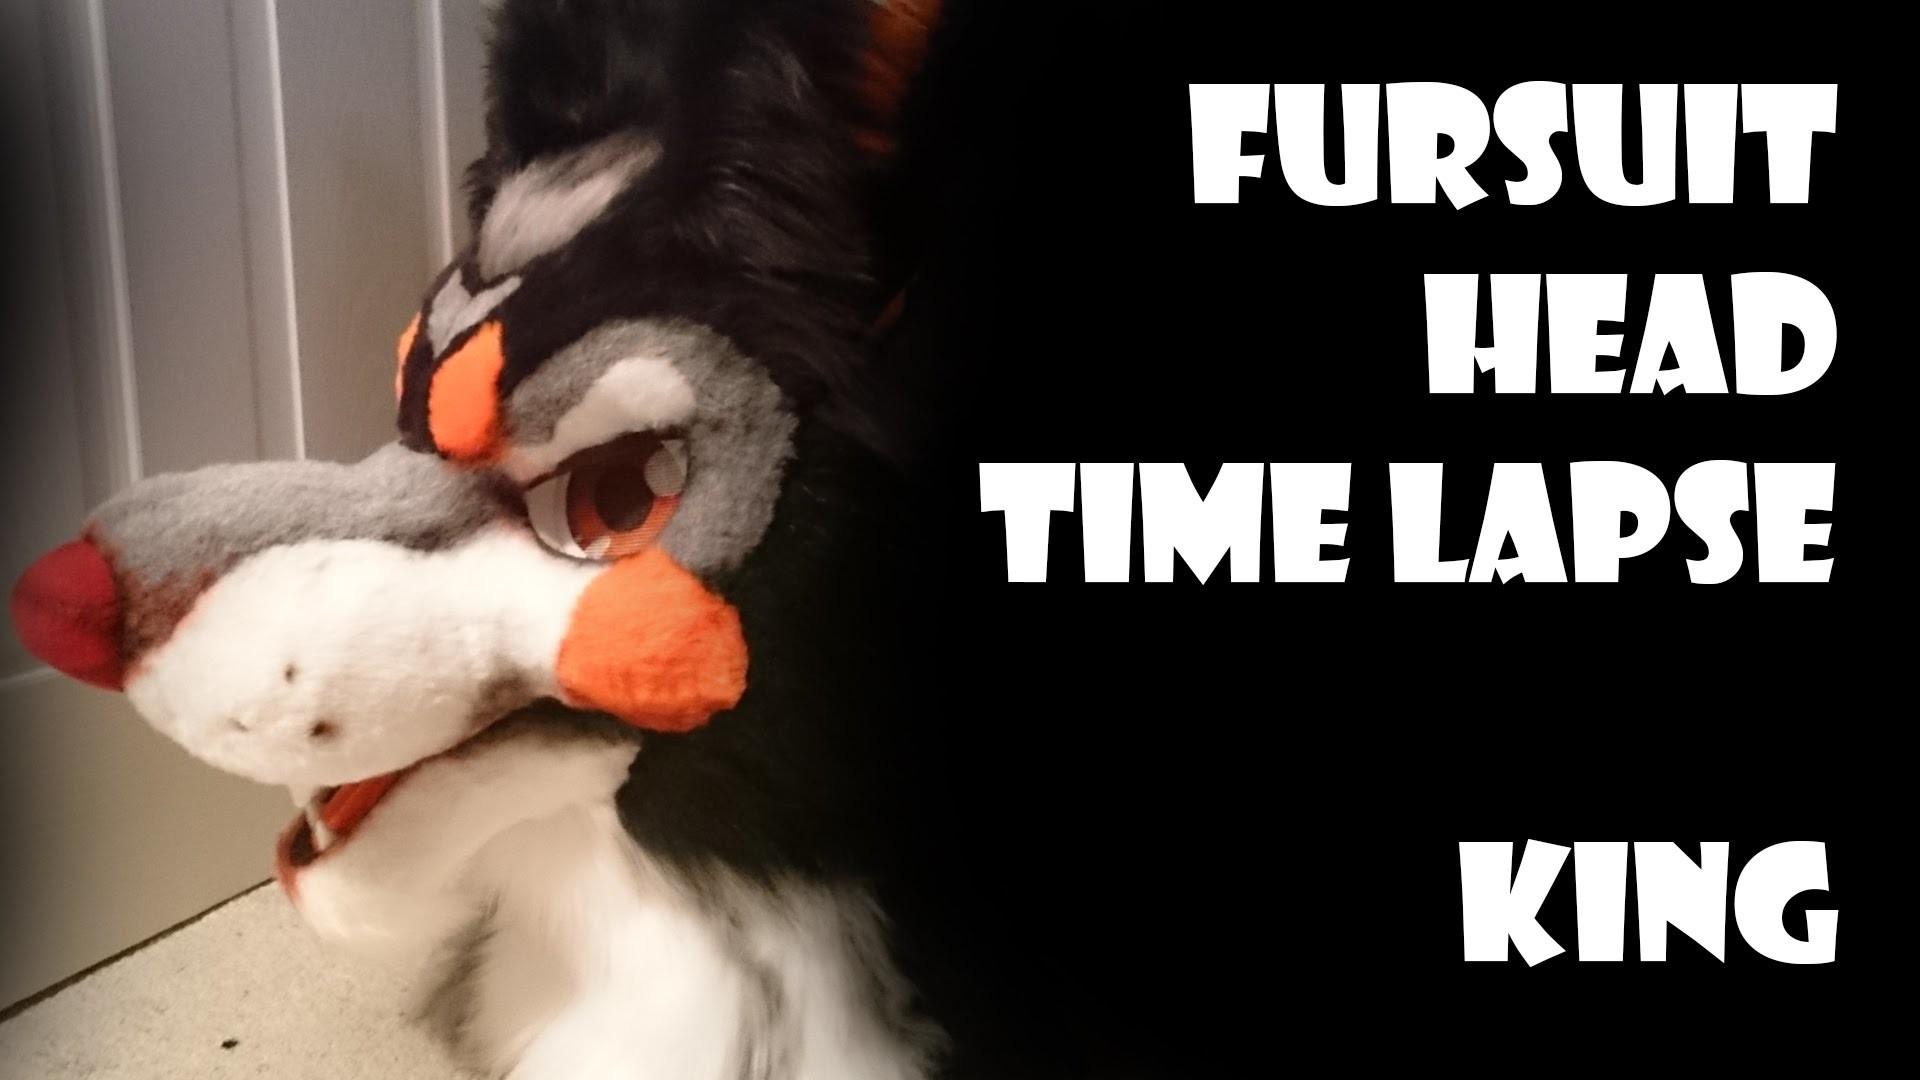 Fursuit Building Time Lapse - King - Part 3